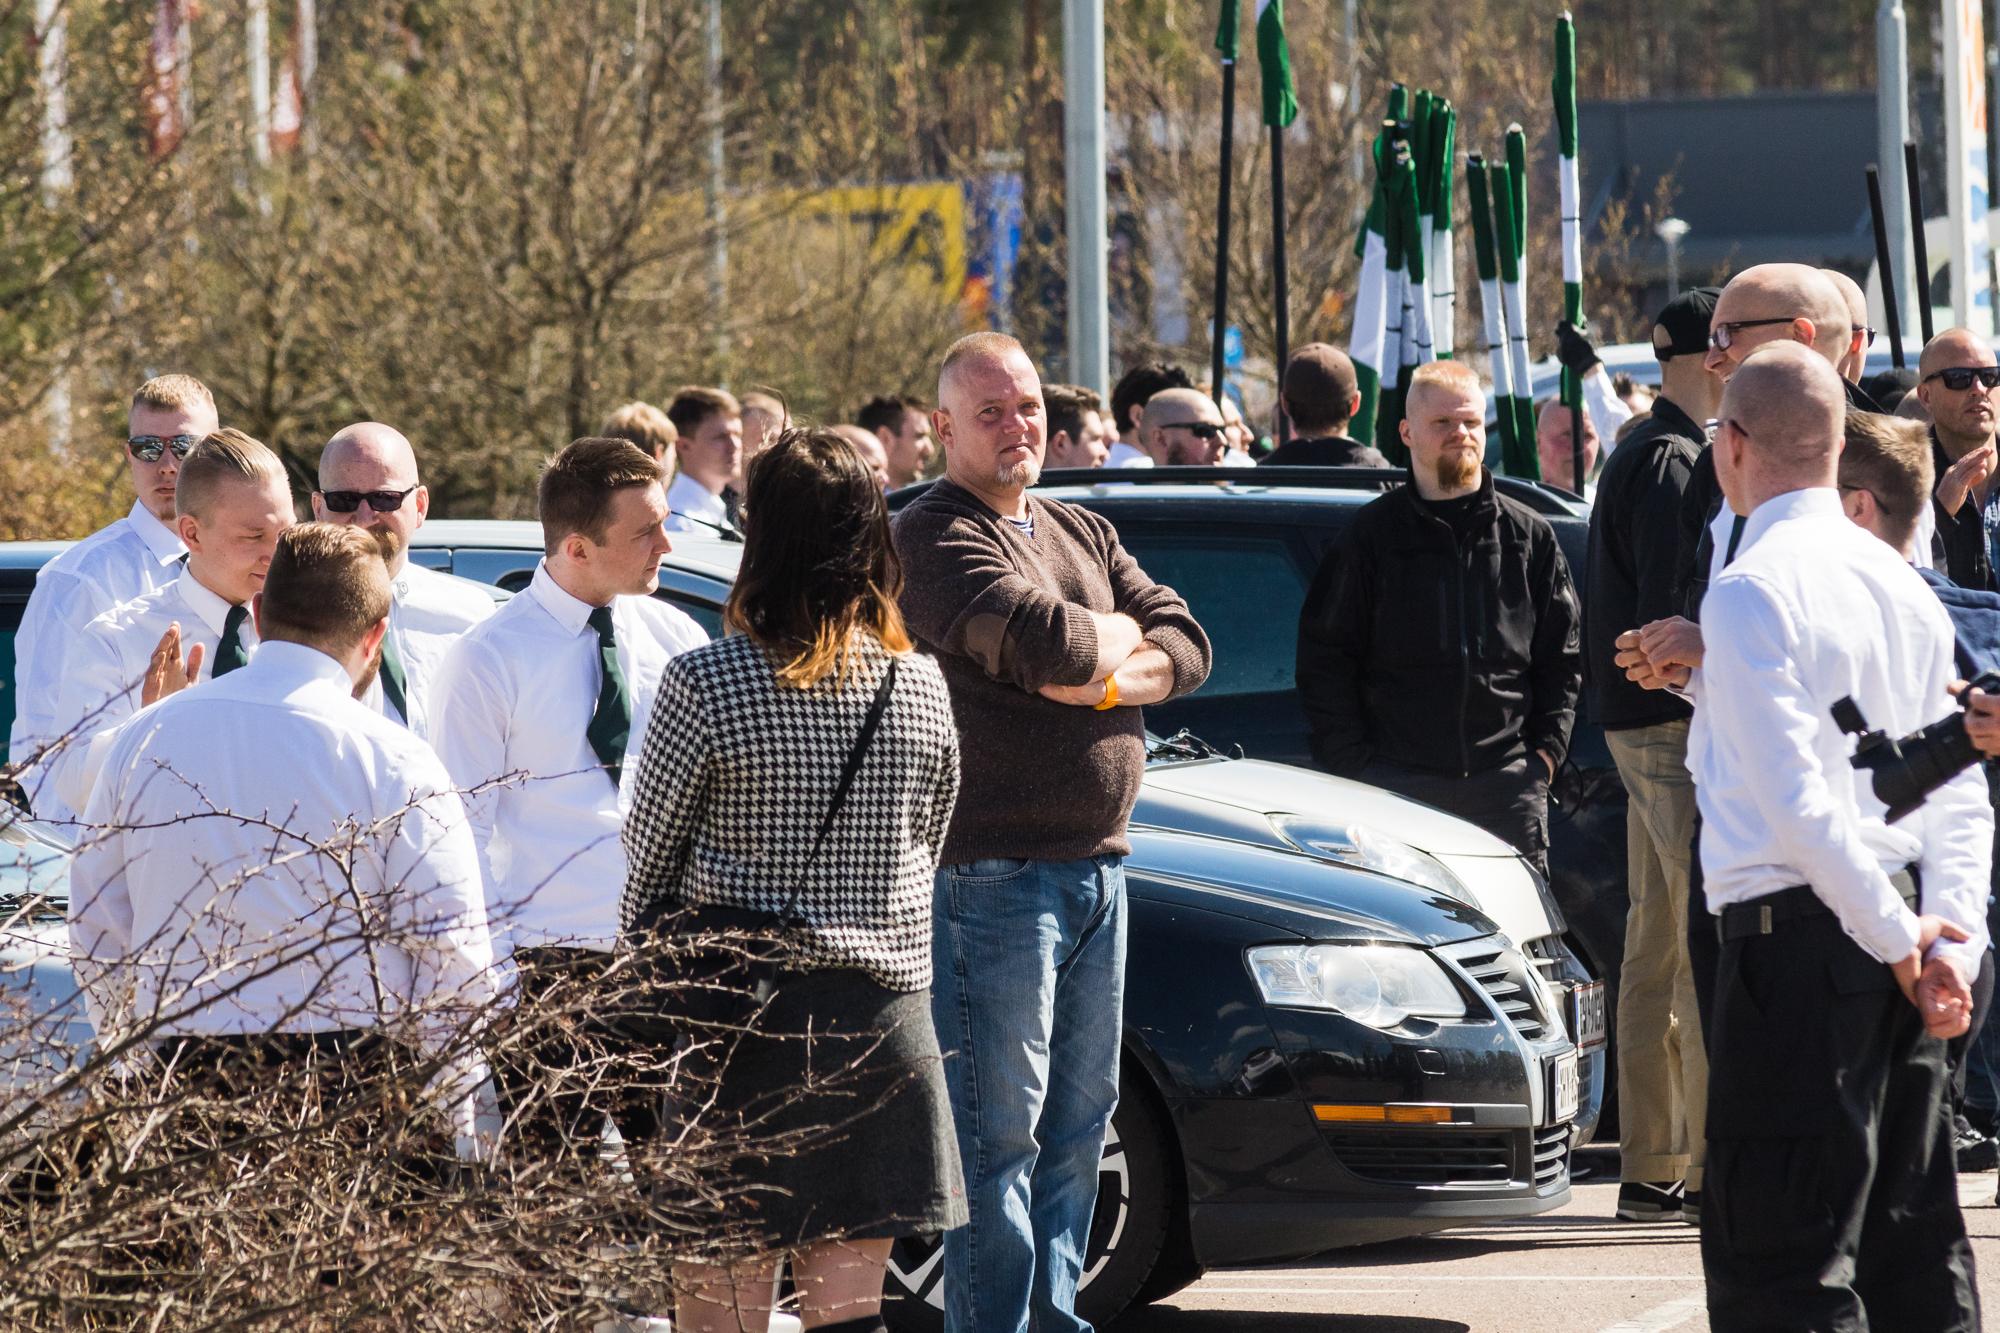 Selvom Henrik Jarsbo opgav forsøget med at starte en NMR-afdeling i Danmark deltog han i organisationens 1. maj-demonstration i Falun i Sverige i år. Foto: Redox